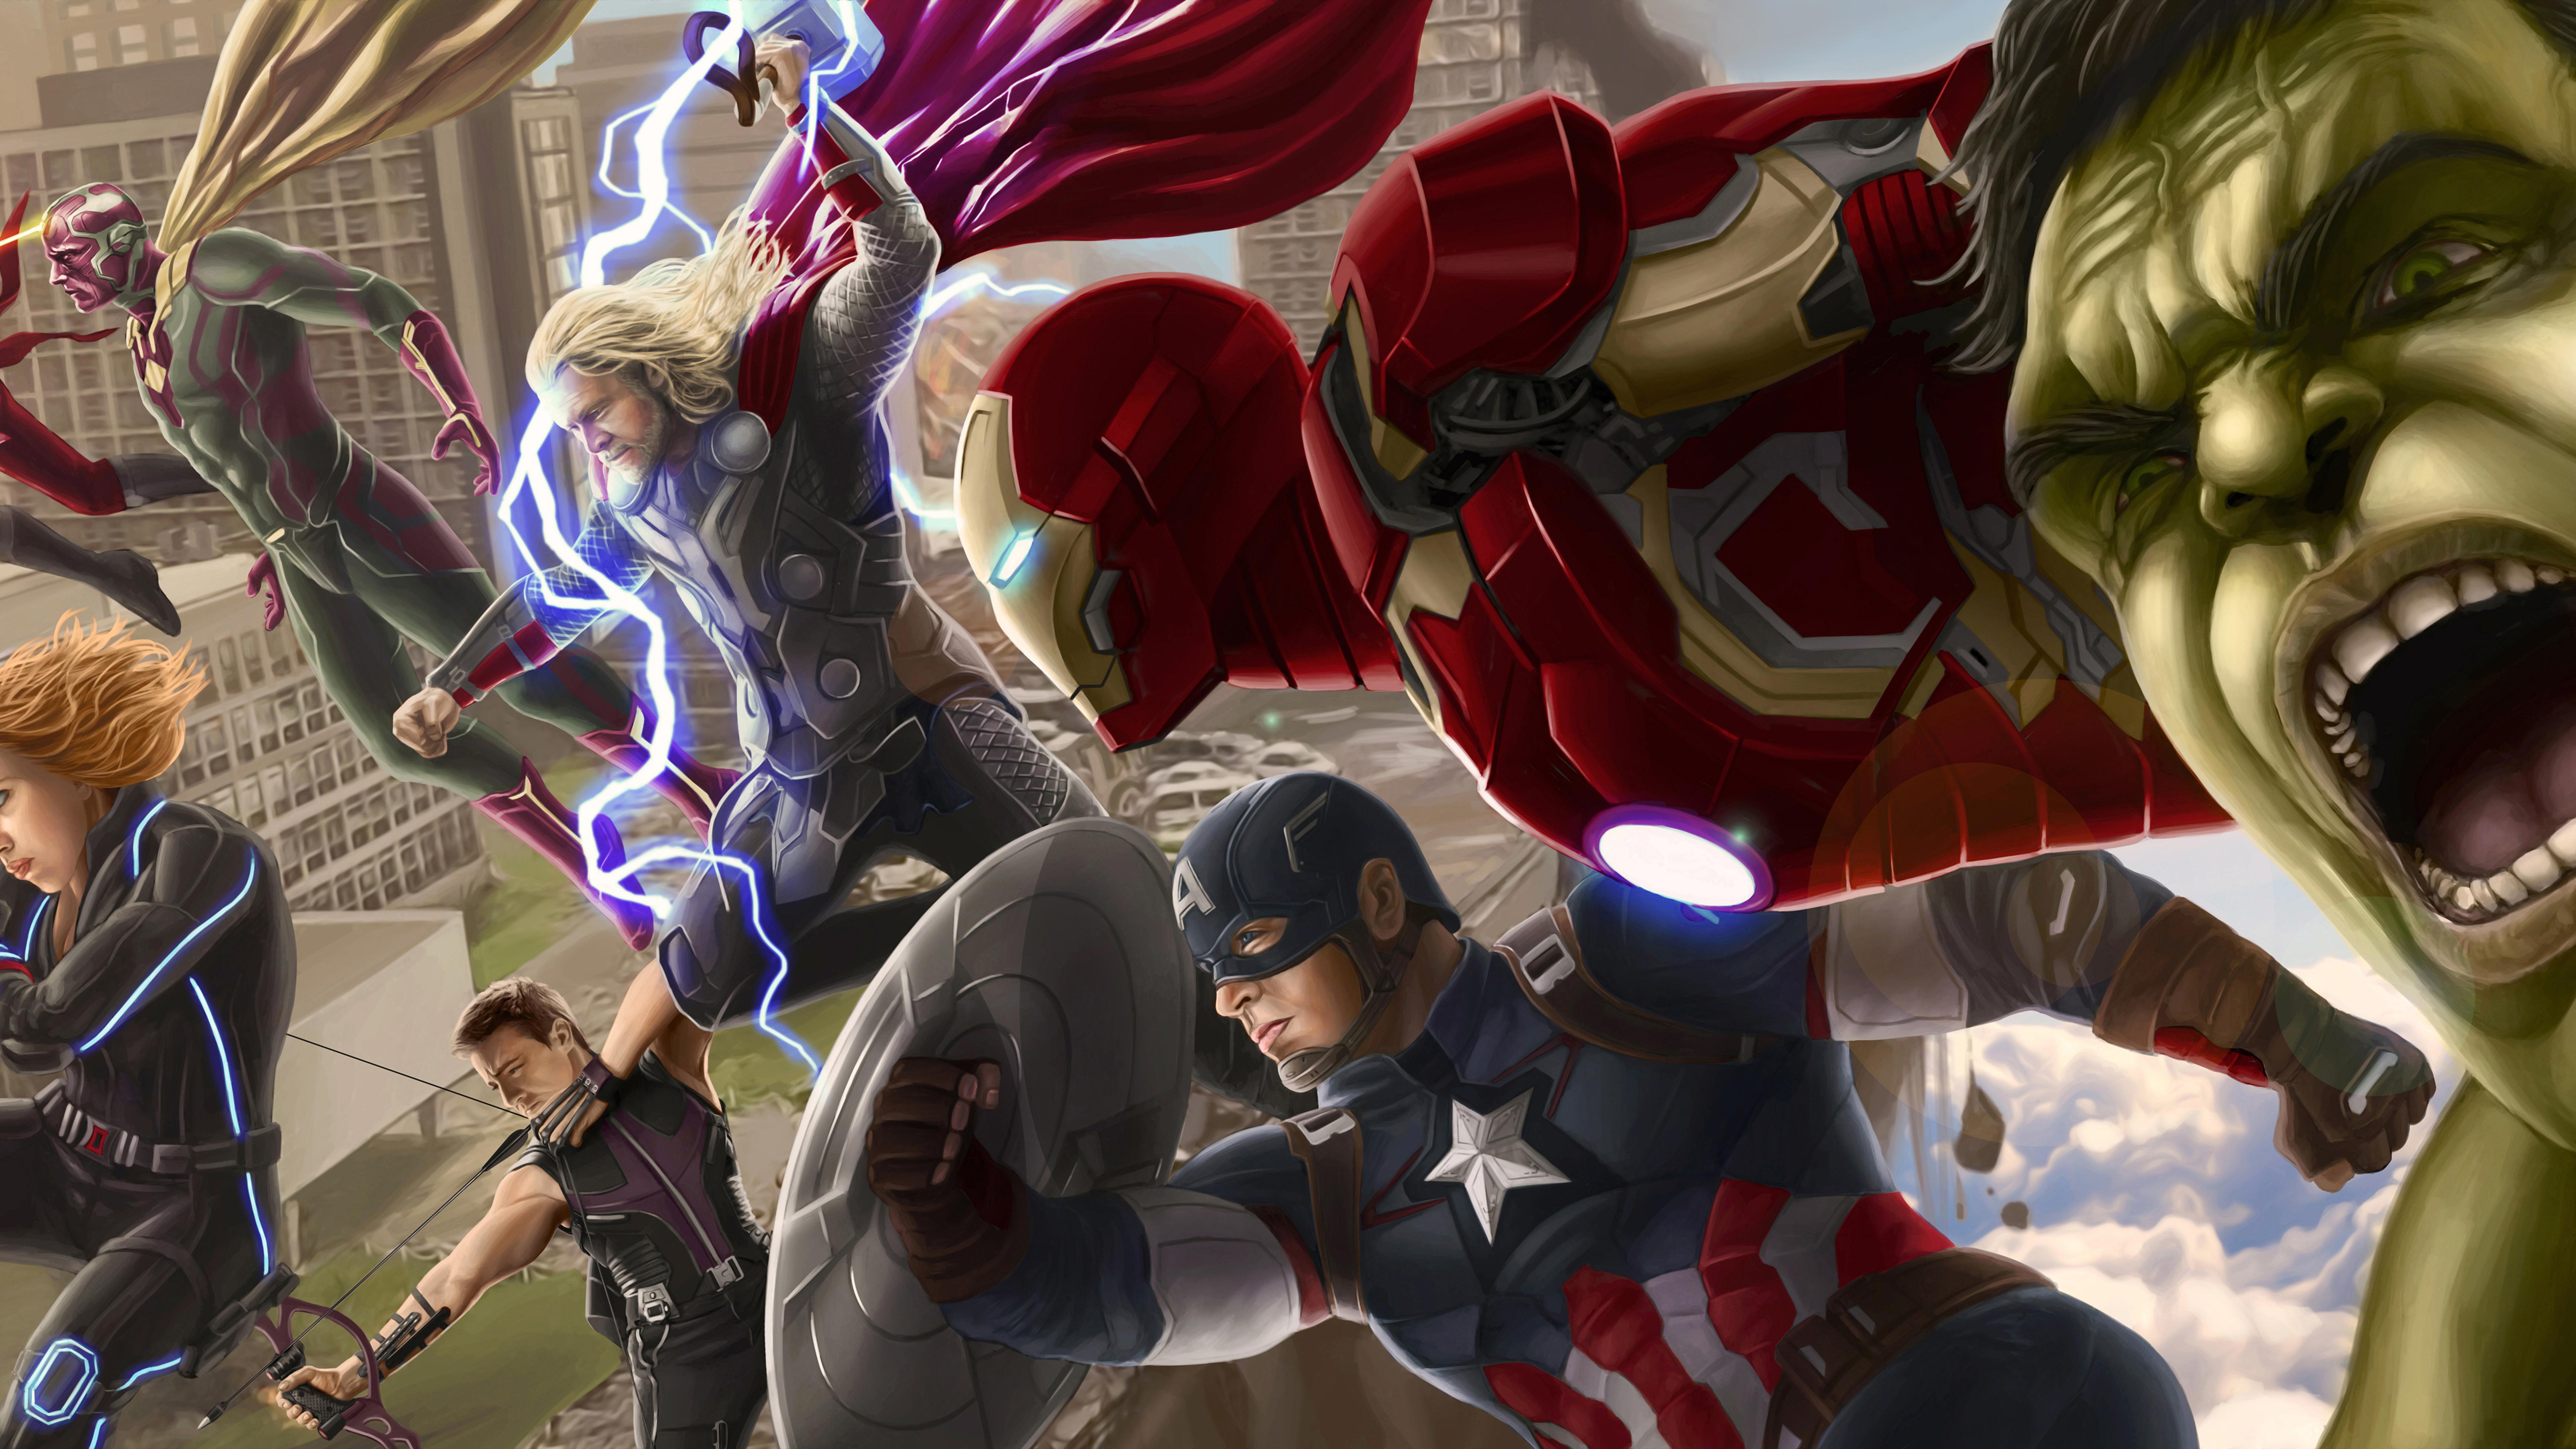 avengers-age-of-ultron-artwork-10k-t3.jpg